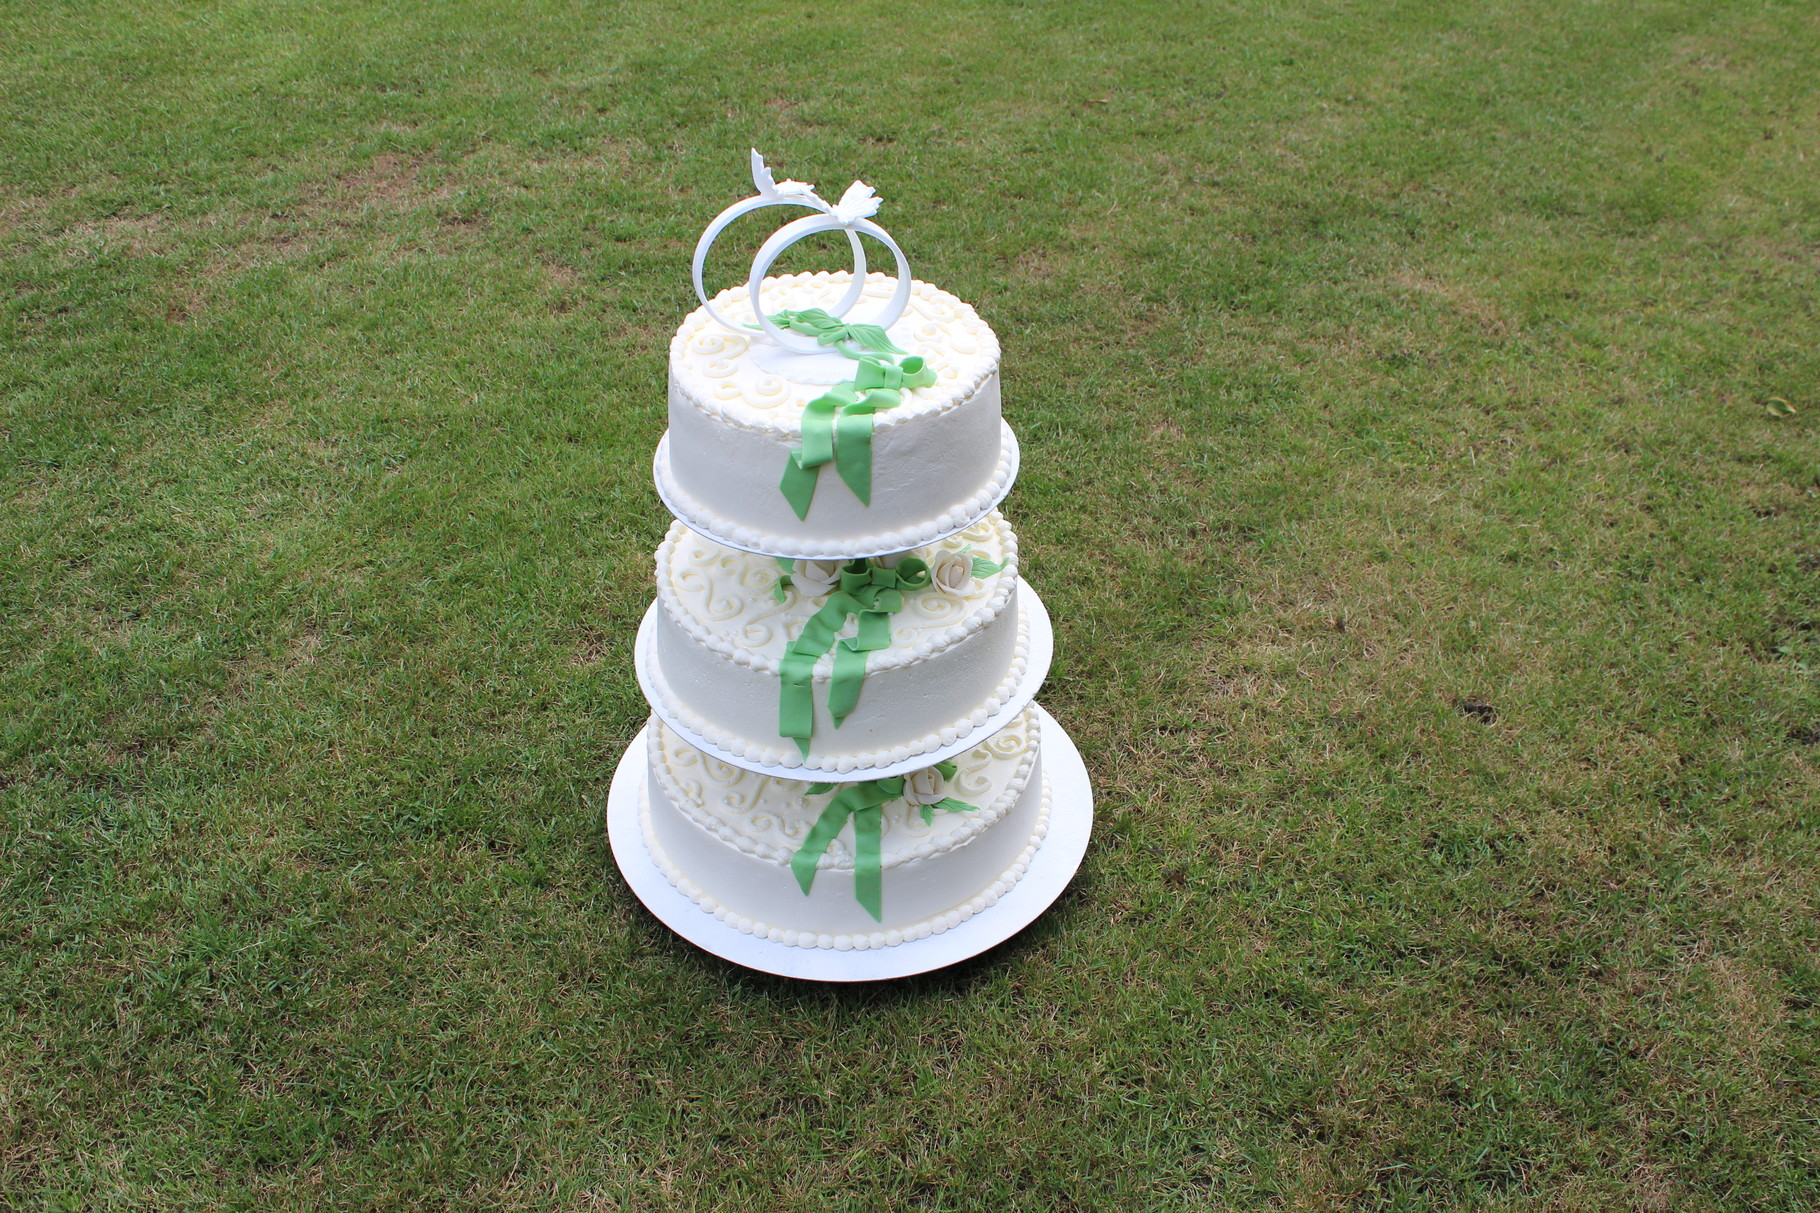 Hochzeitstorte mit Ornamenten aus Sahne, weißen Rosen und farbiger Marzipanschleife. Als Besonderheit statt Brautpaar zwei Ringe in Weiß